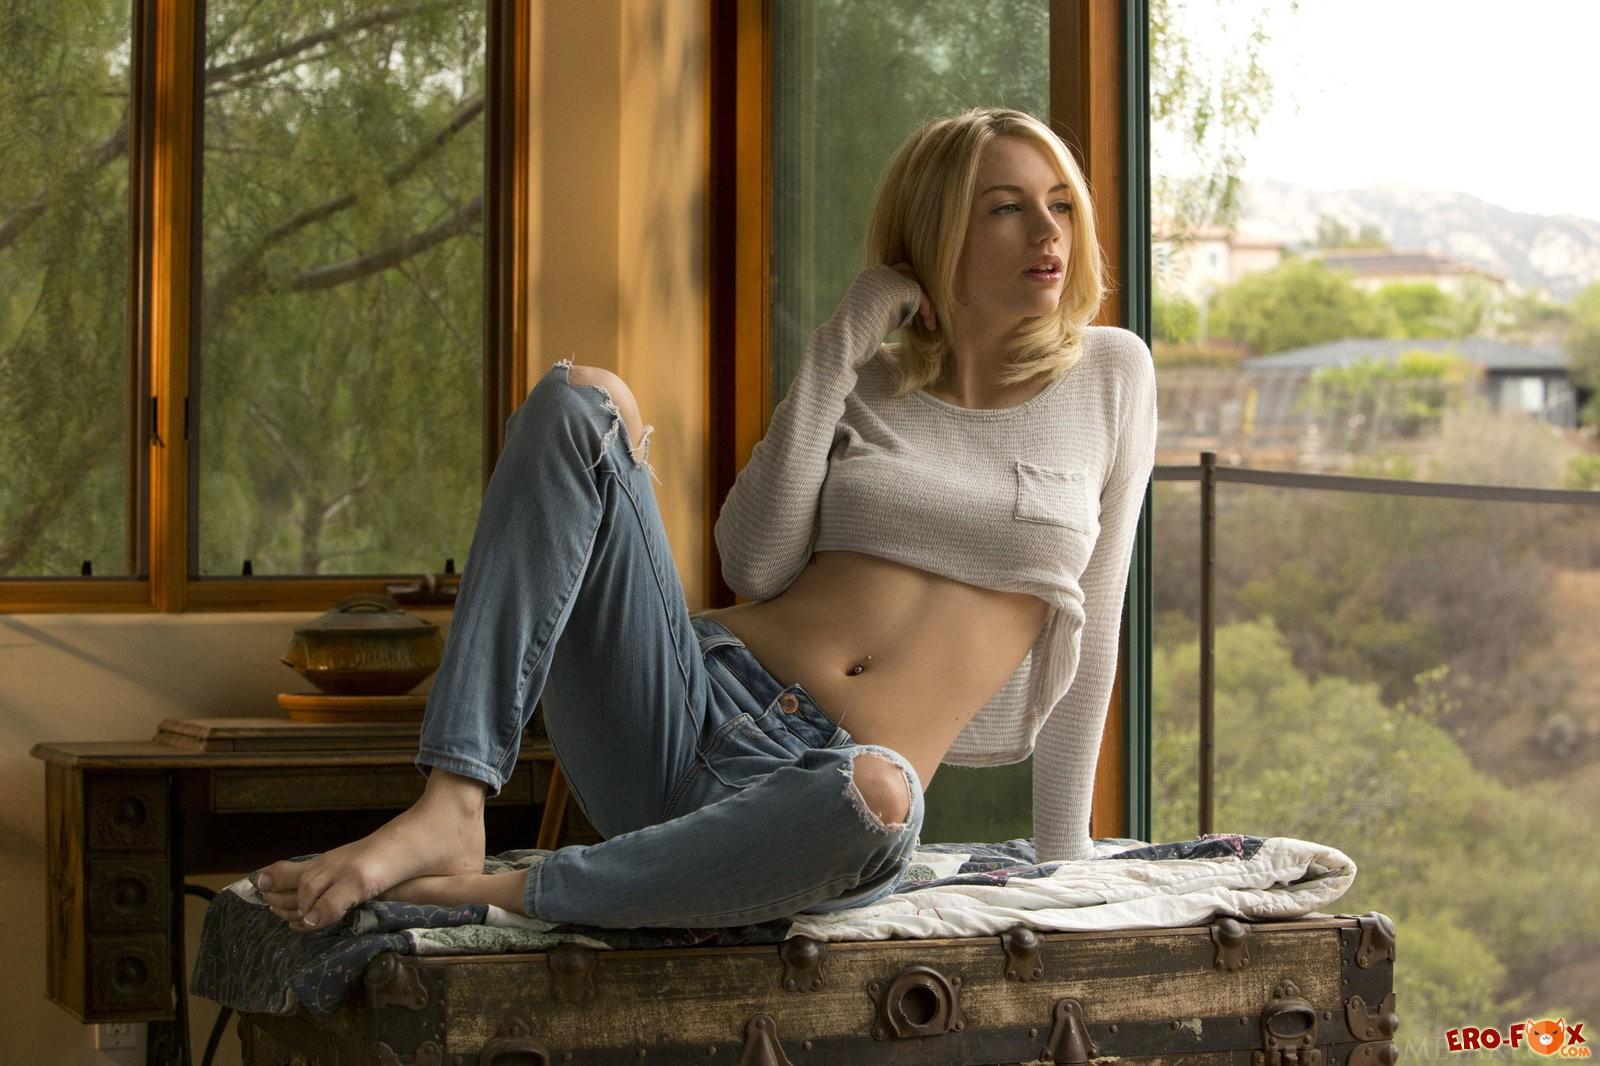 Сексуальная блондинка сняла джинсы и кофту